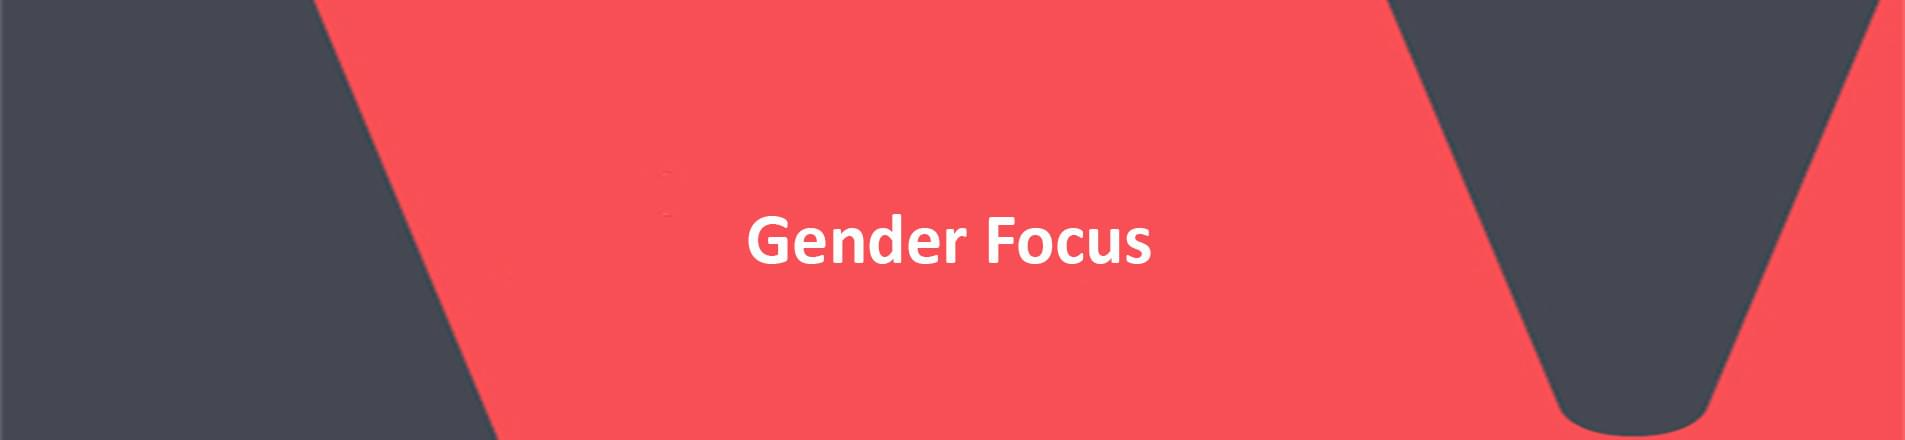 Words Gender Focus on red VERCIDA branded background